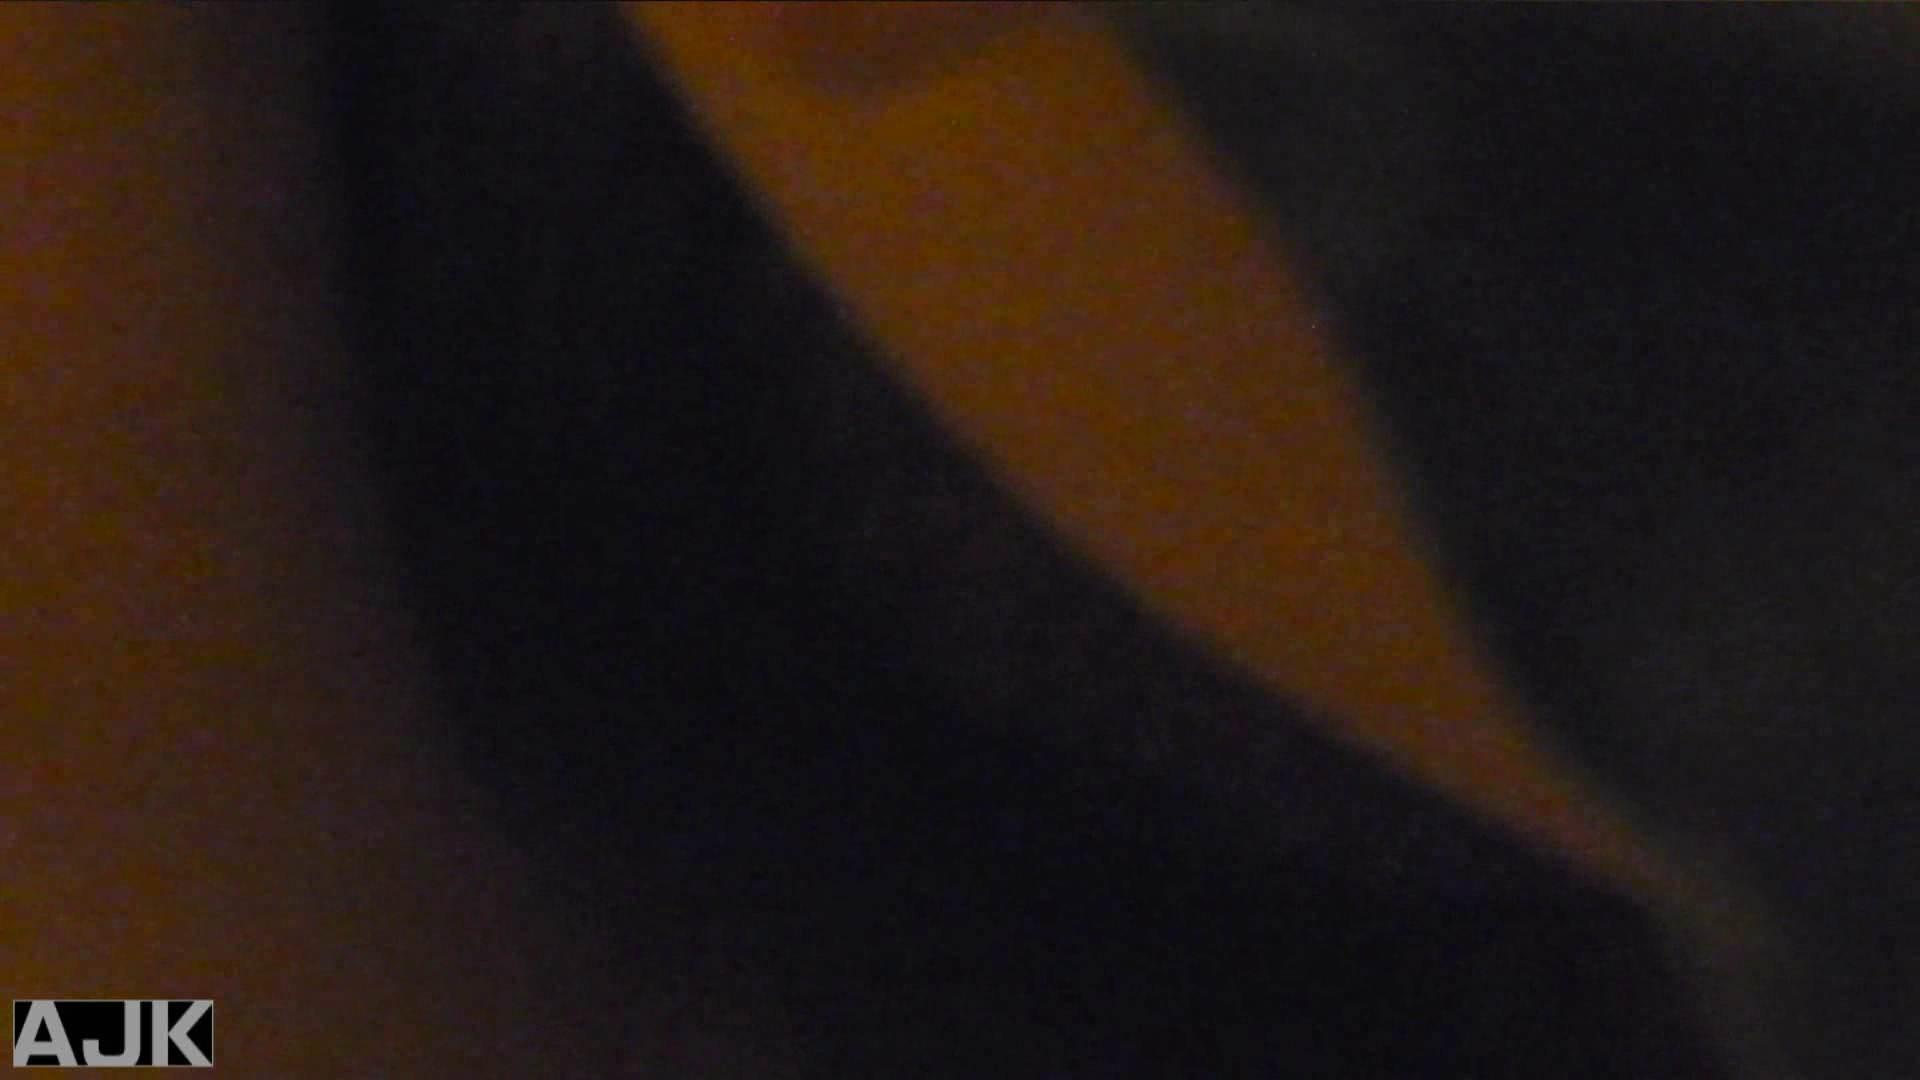 神降臨!史上最強の潜入かわや! vol.26 マンコエロすぎ オメコ無修正動画無料 103PIX 69